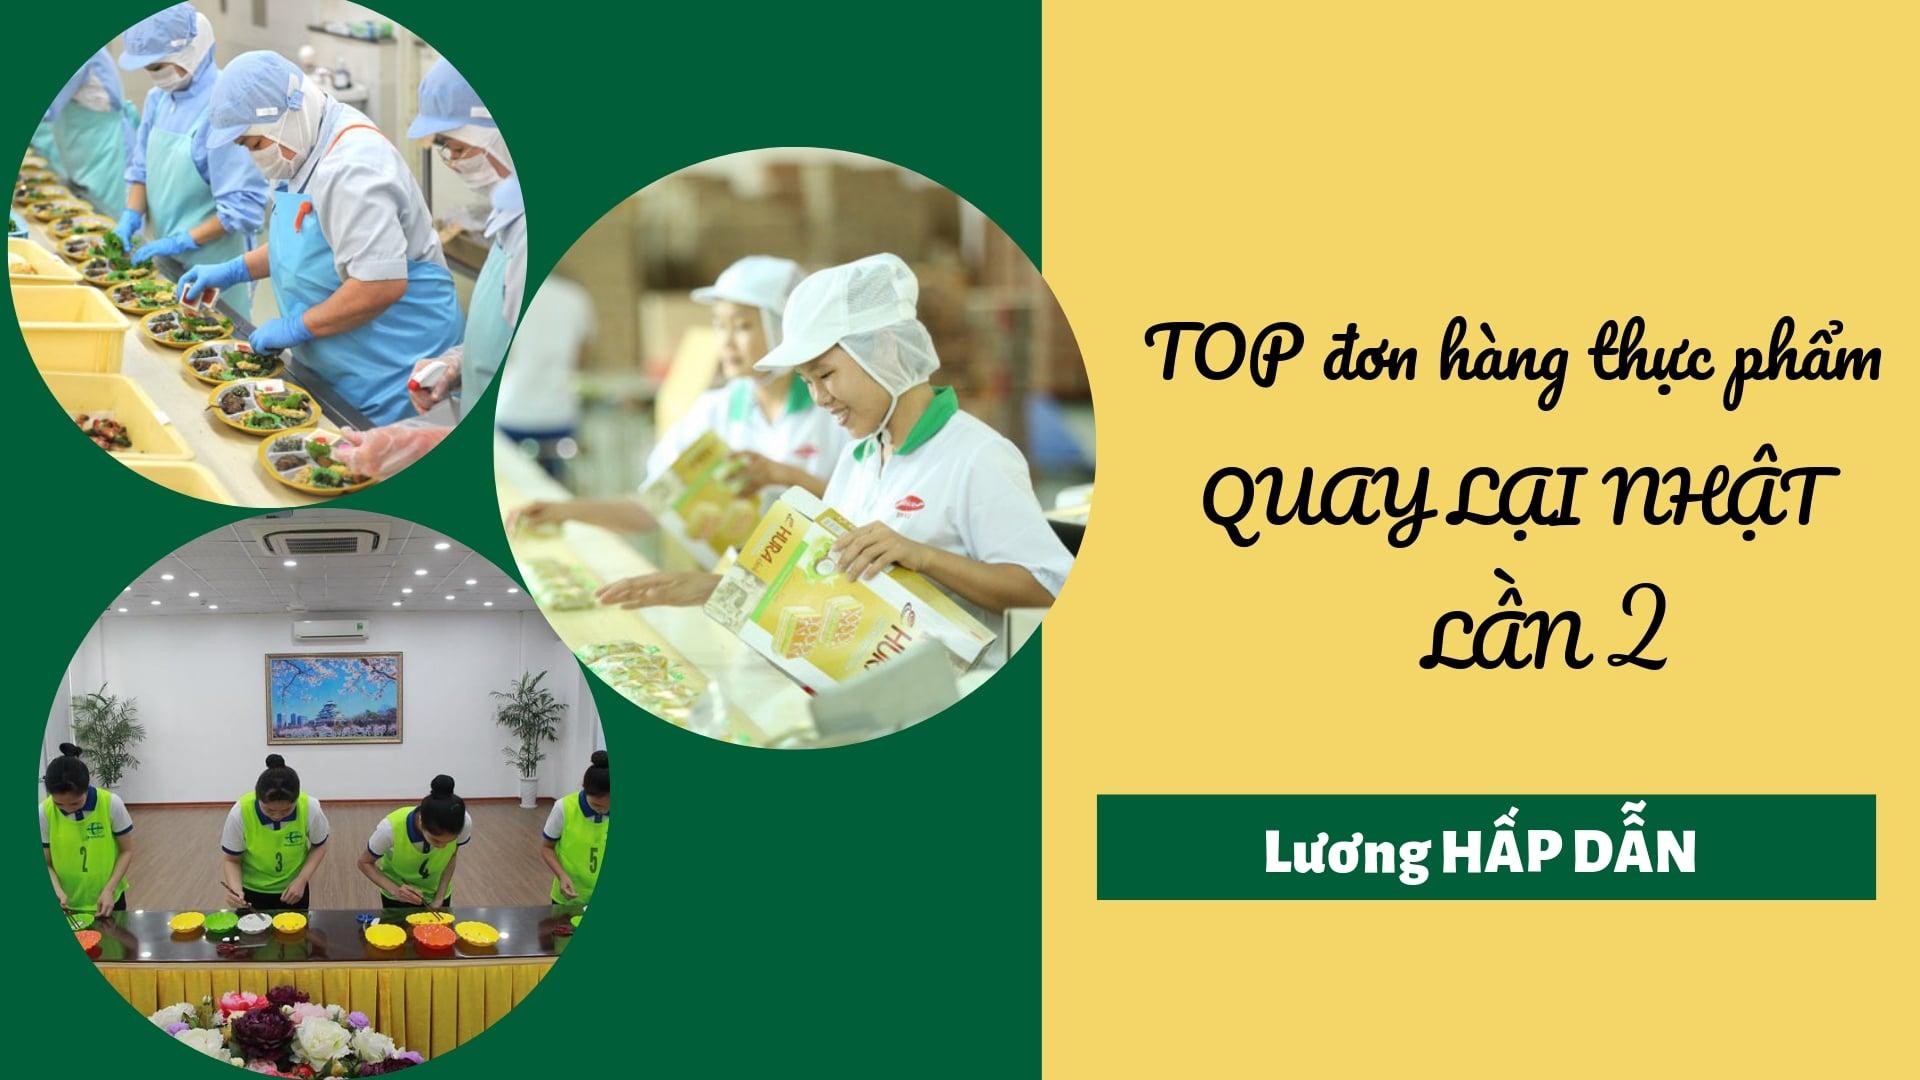 TOP đơn hàng thực phẩm QUAY LẠI NHẬT LẦN 2, lương HẤP DẪN!